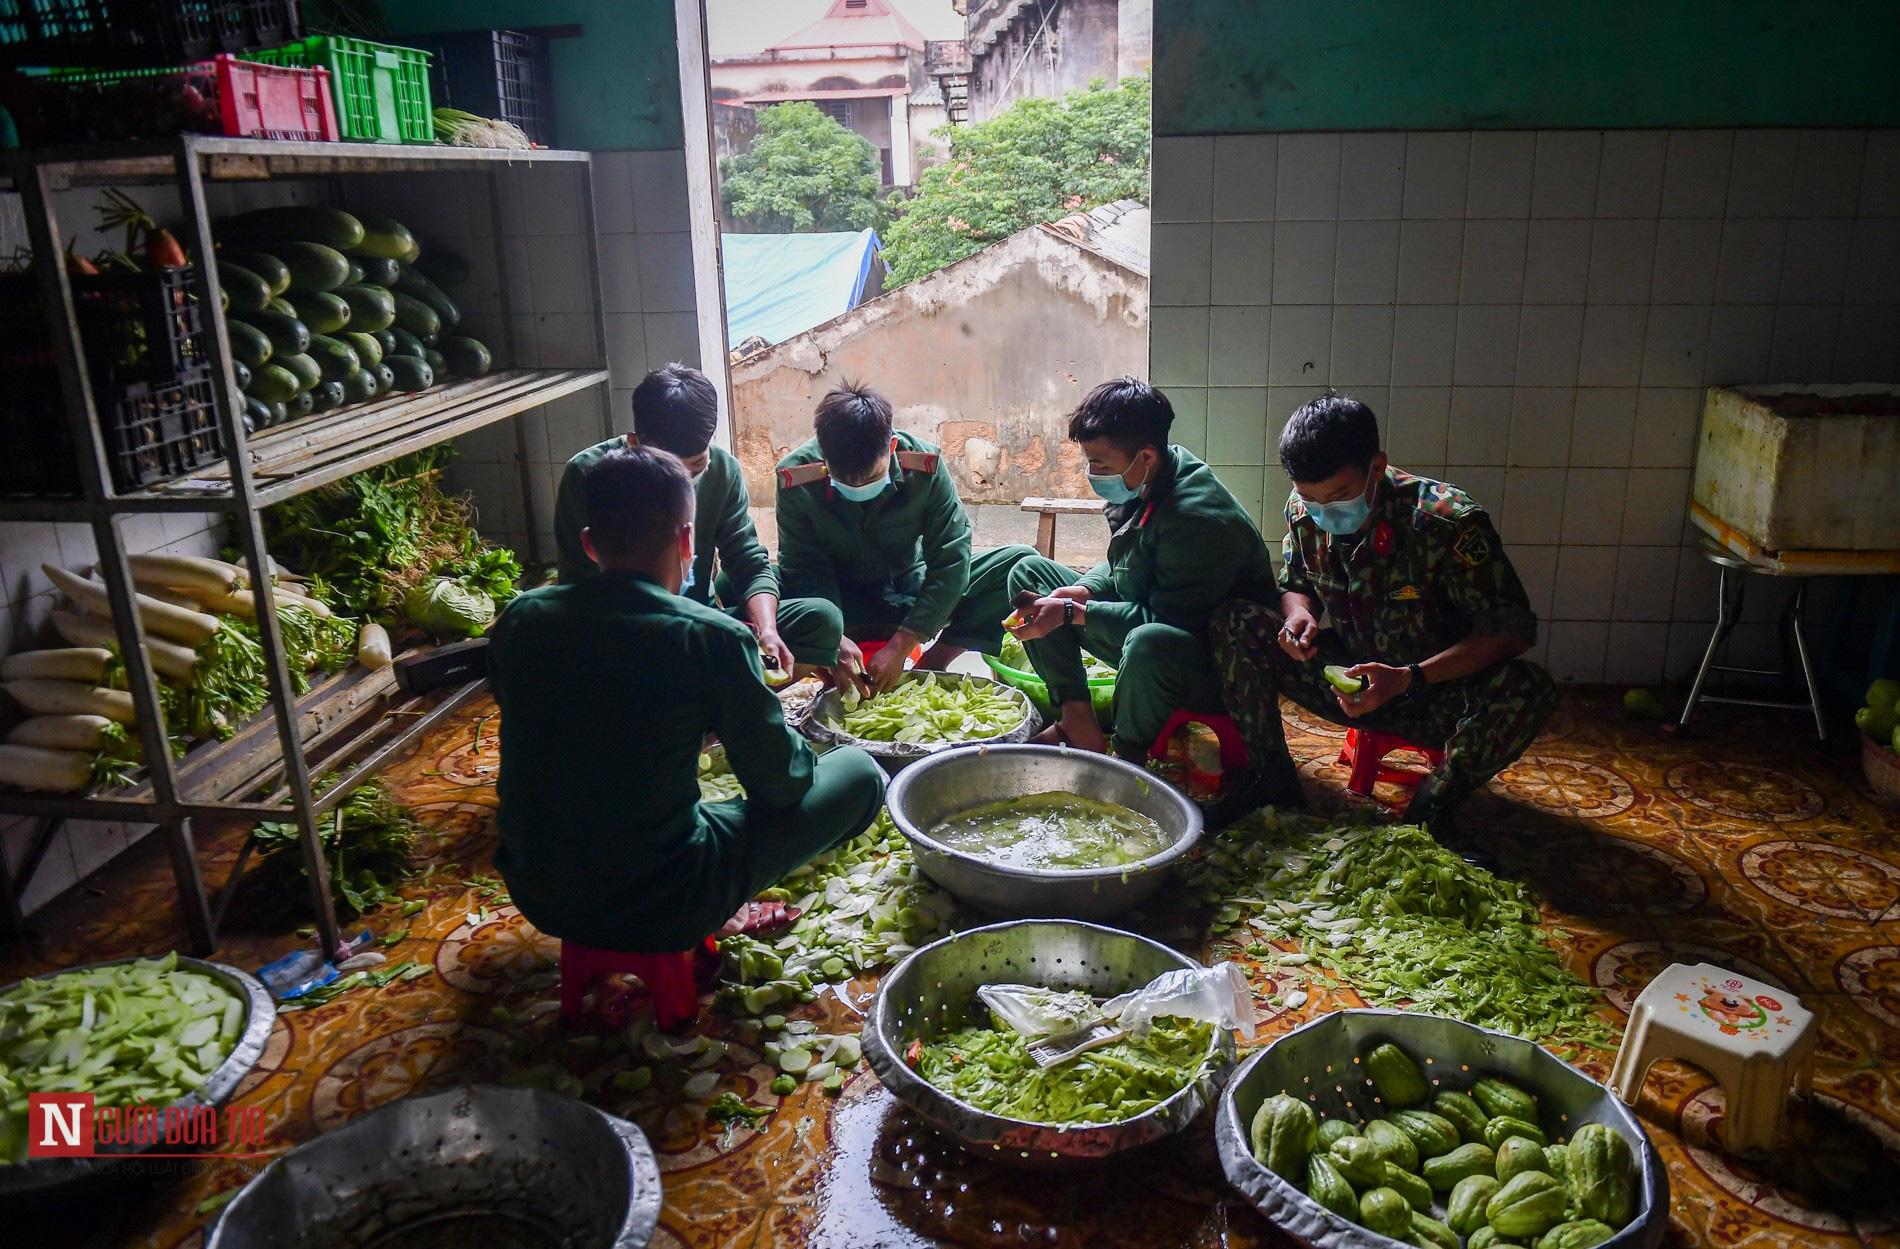 Lạng Sơn: Nhộn nhịp căn bếp ấm tình quân dân tại trại cách ly - Ảnh 1.